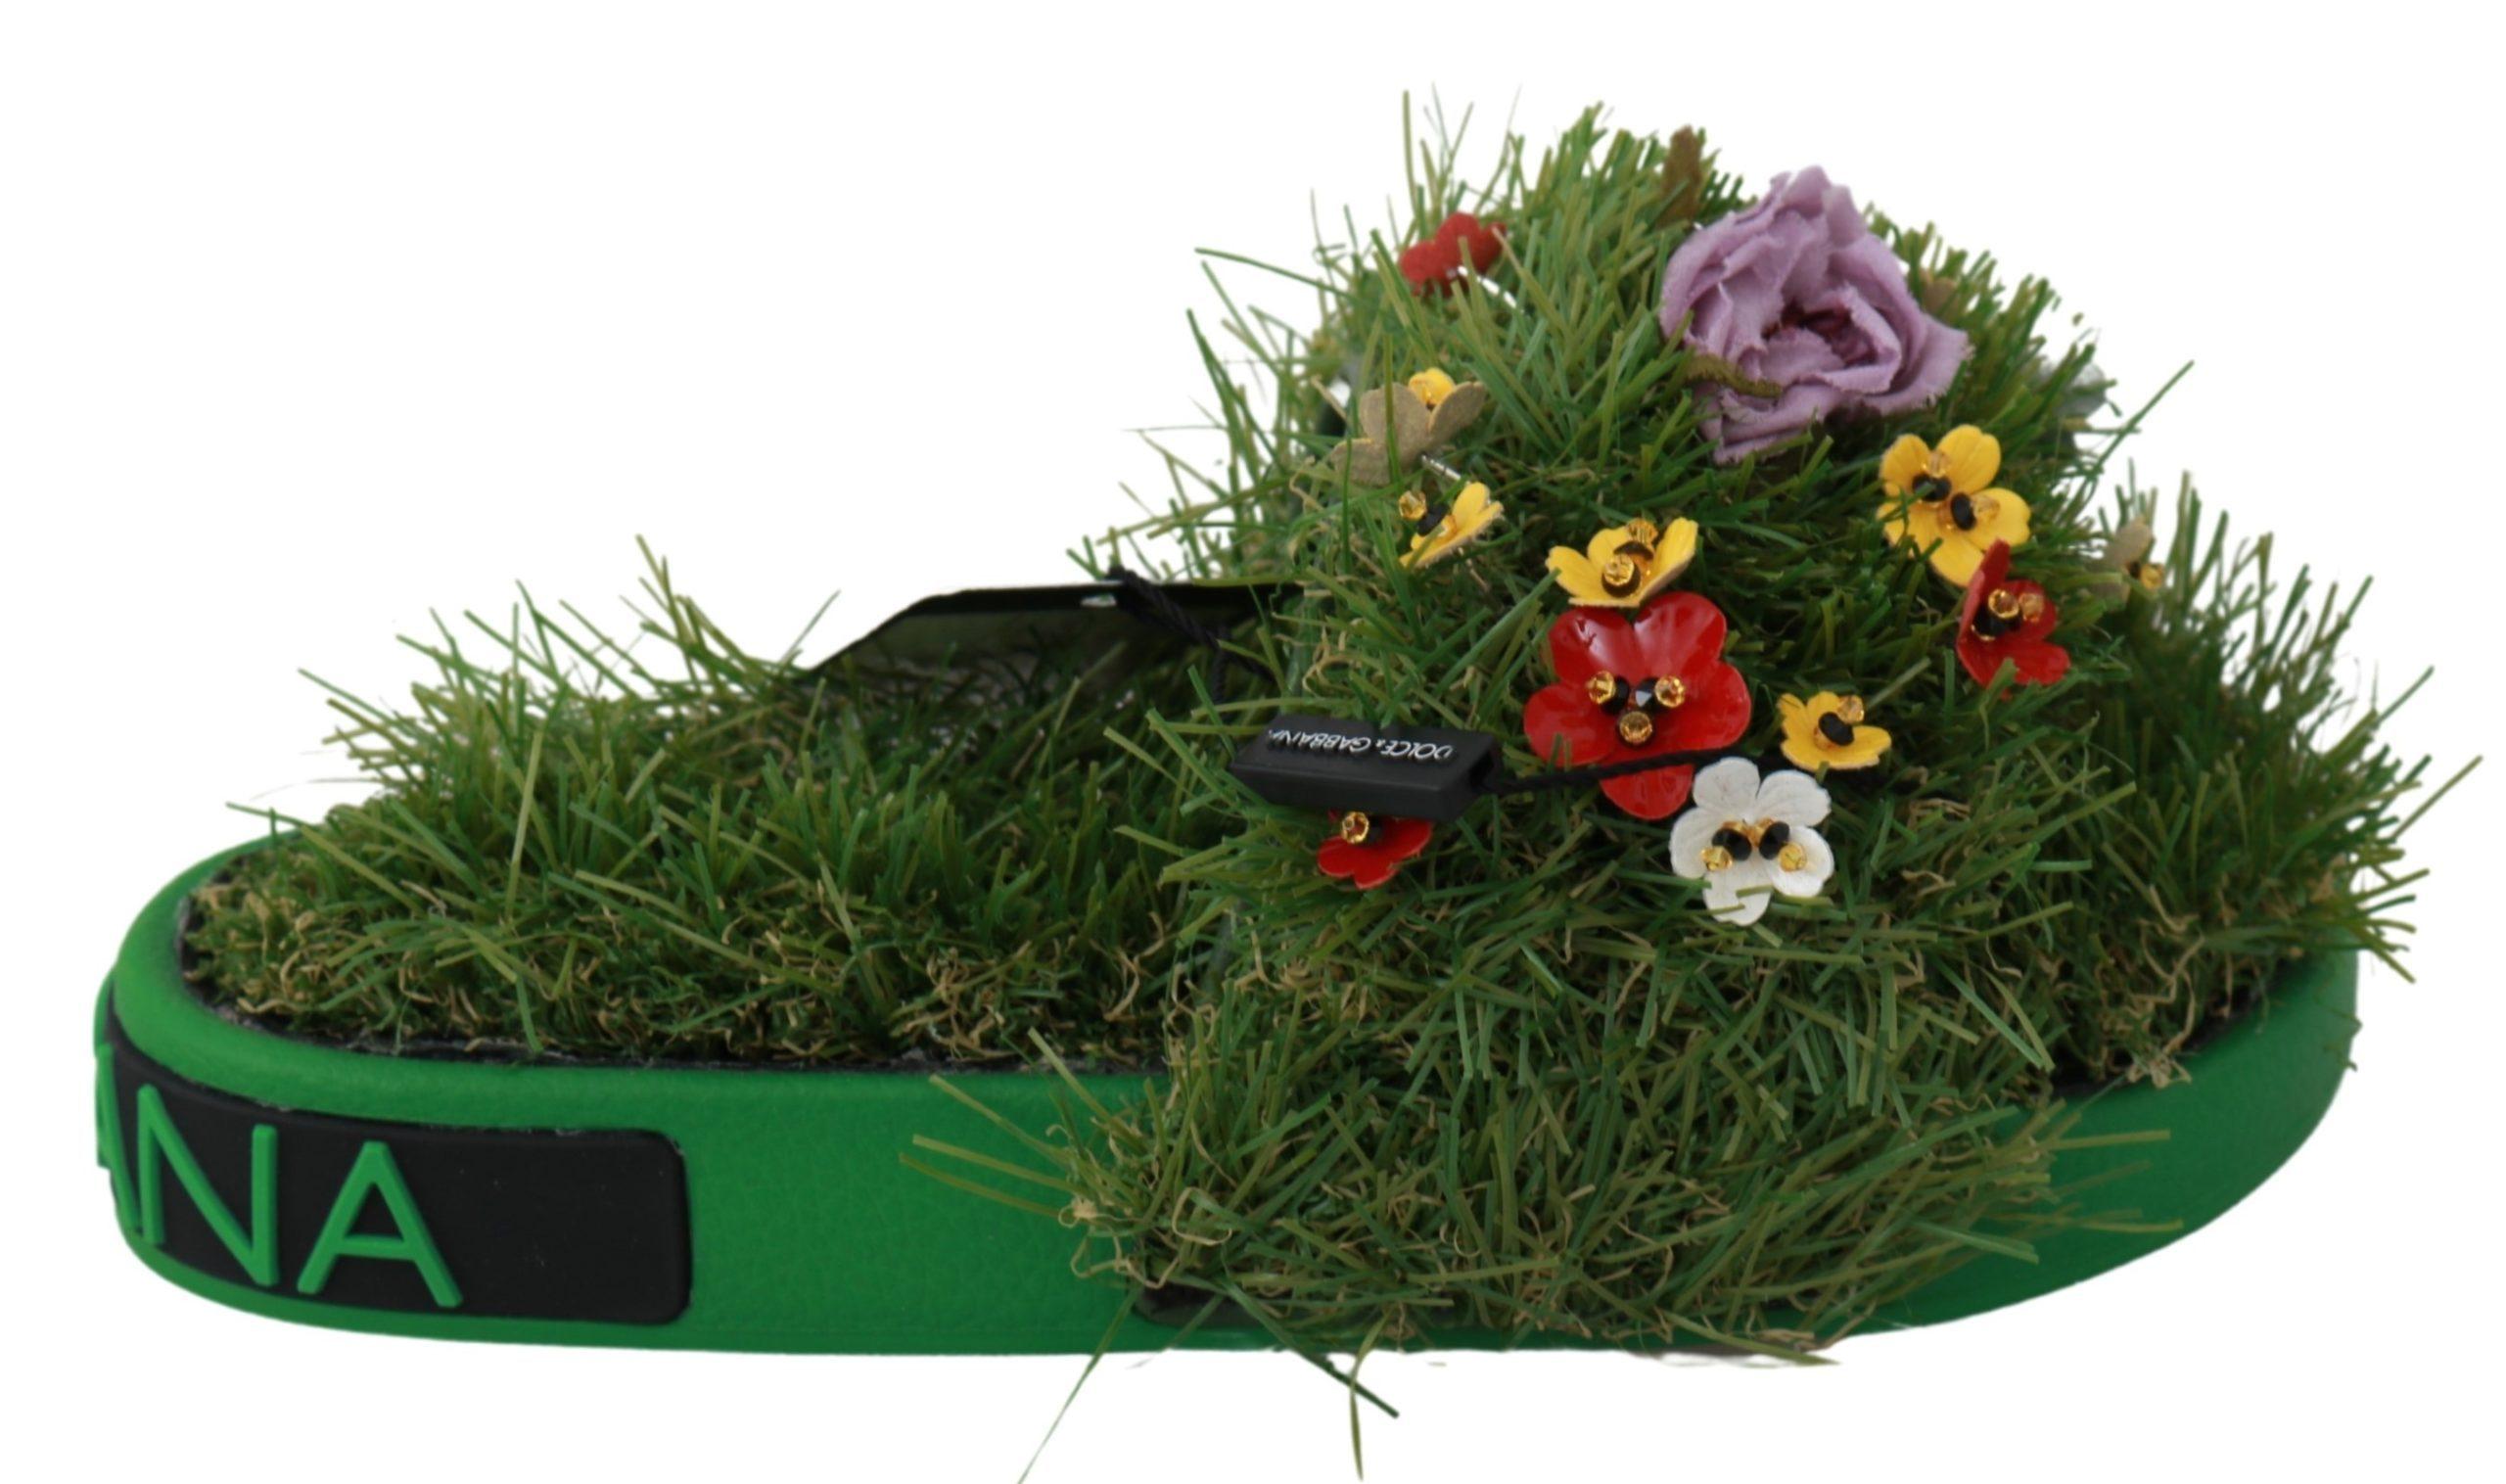 Dolce & Gabbana Women's Grass Floral Sandal Green LA6464 - EU35/US4.5